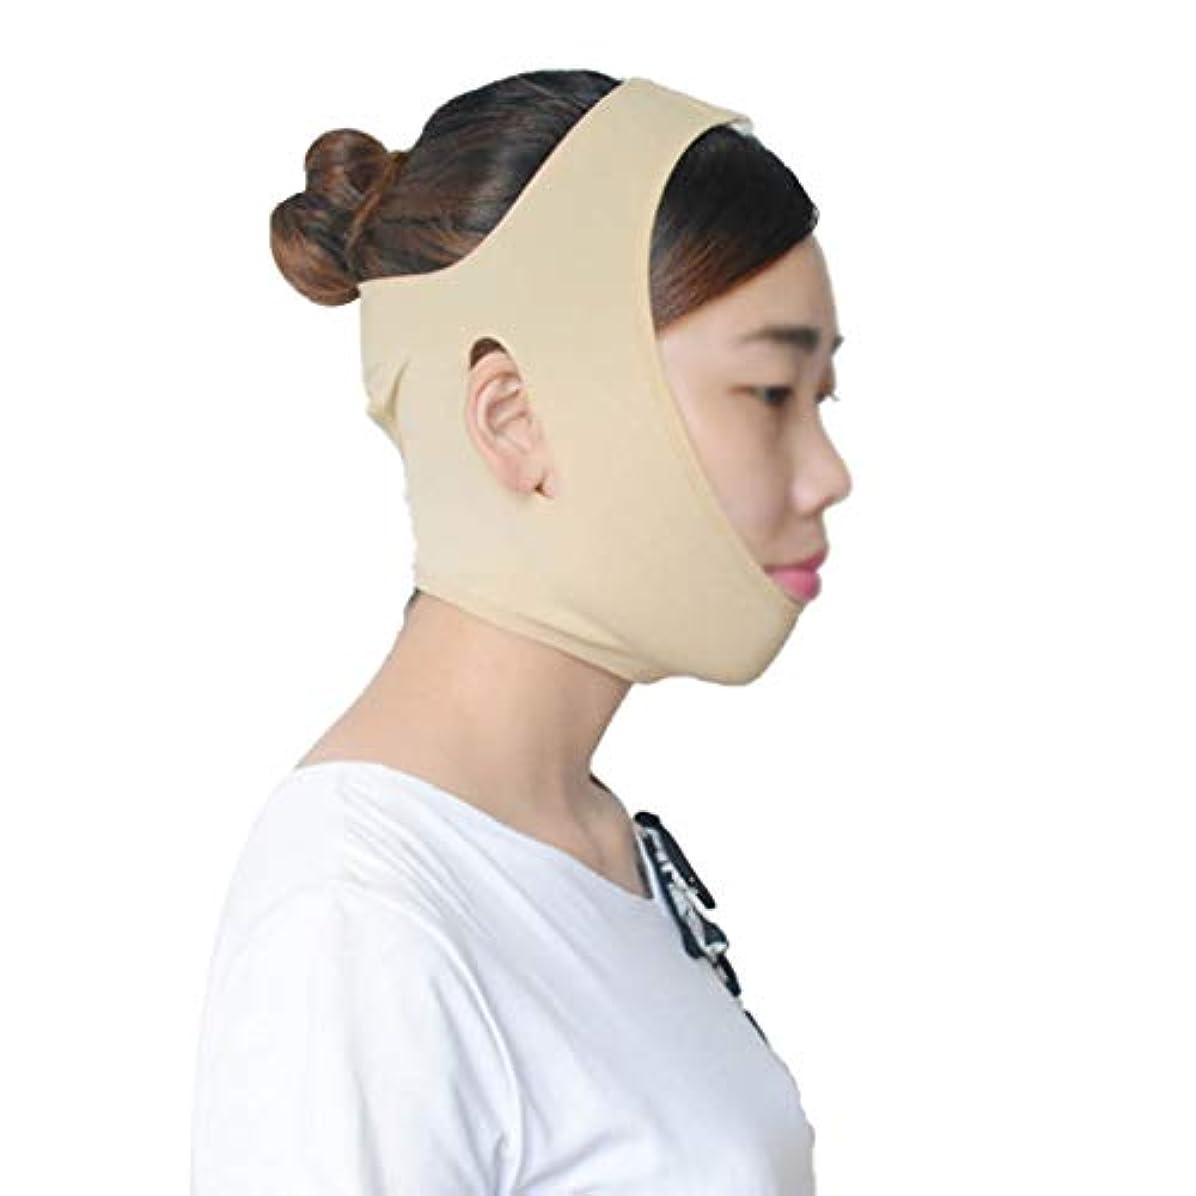 毎日記念禁じる引き締めフェイスマスク、フェイスリフトマスク強力なフェイスリフティングツールフェイスビューティフェイスリフティングフェイスマスク引き締めフェイスリフティングフェイスリフティングフェイスリフティング包帯 (Size : L)